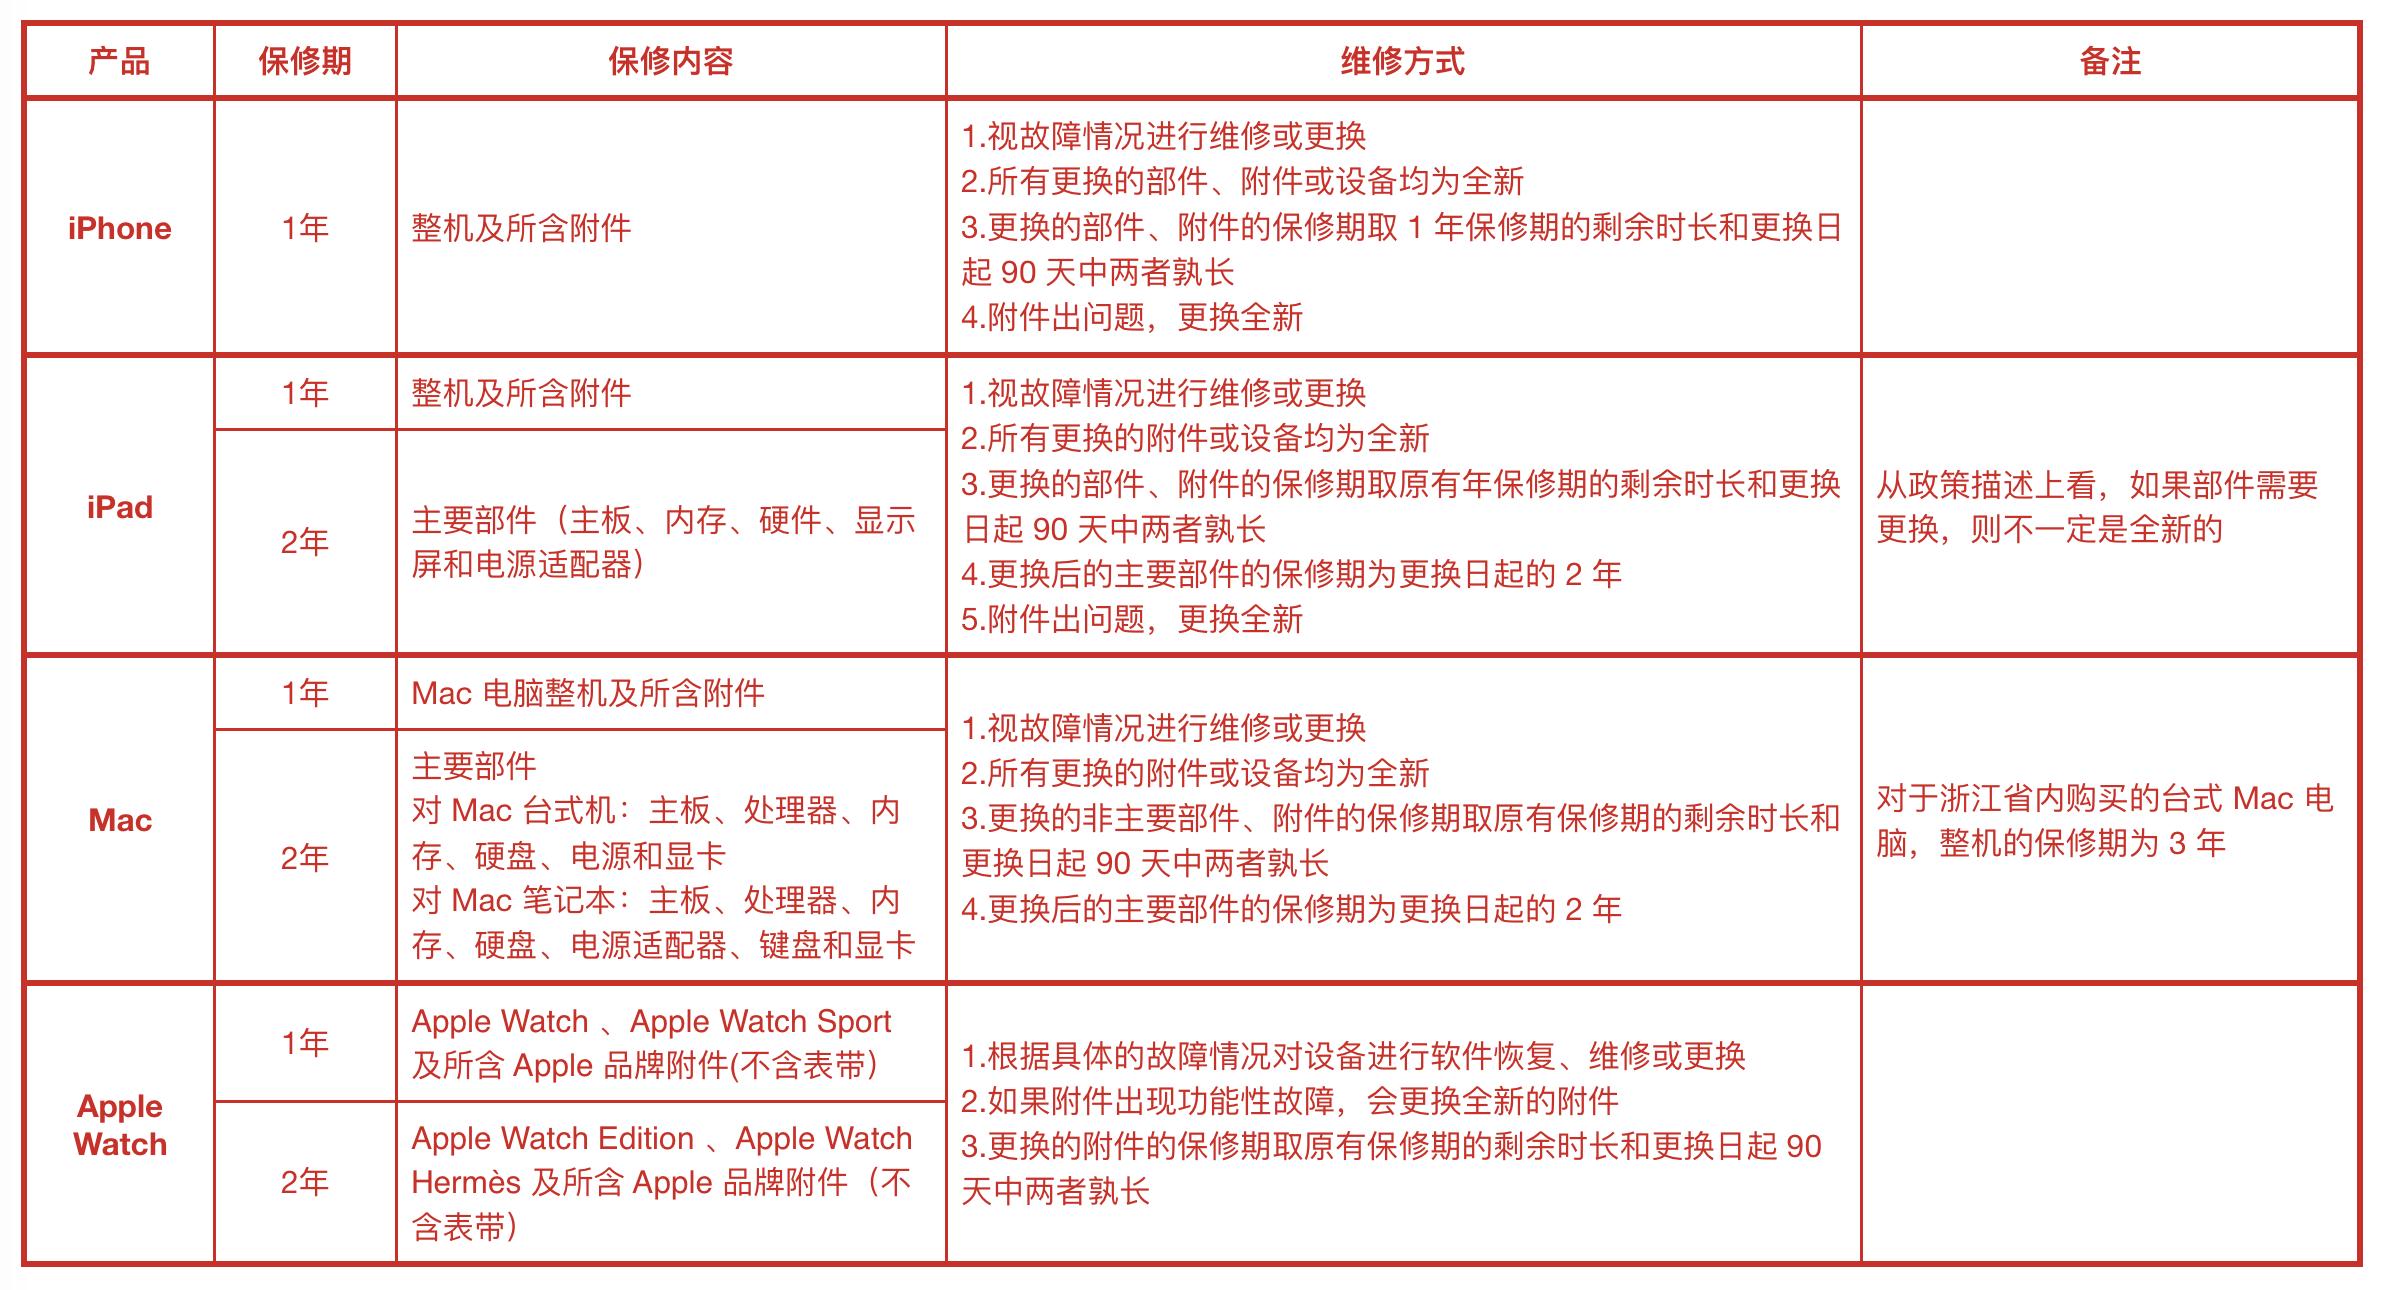 201805_apple产品保修与维修说明.png